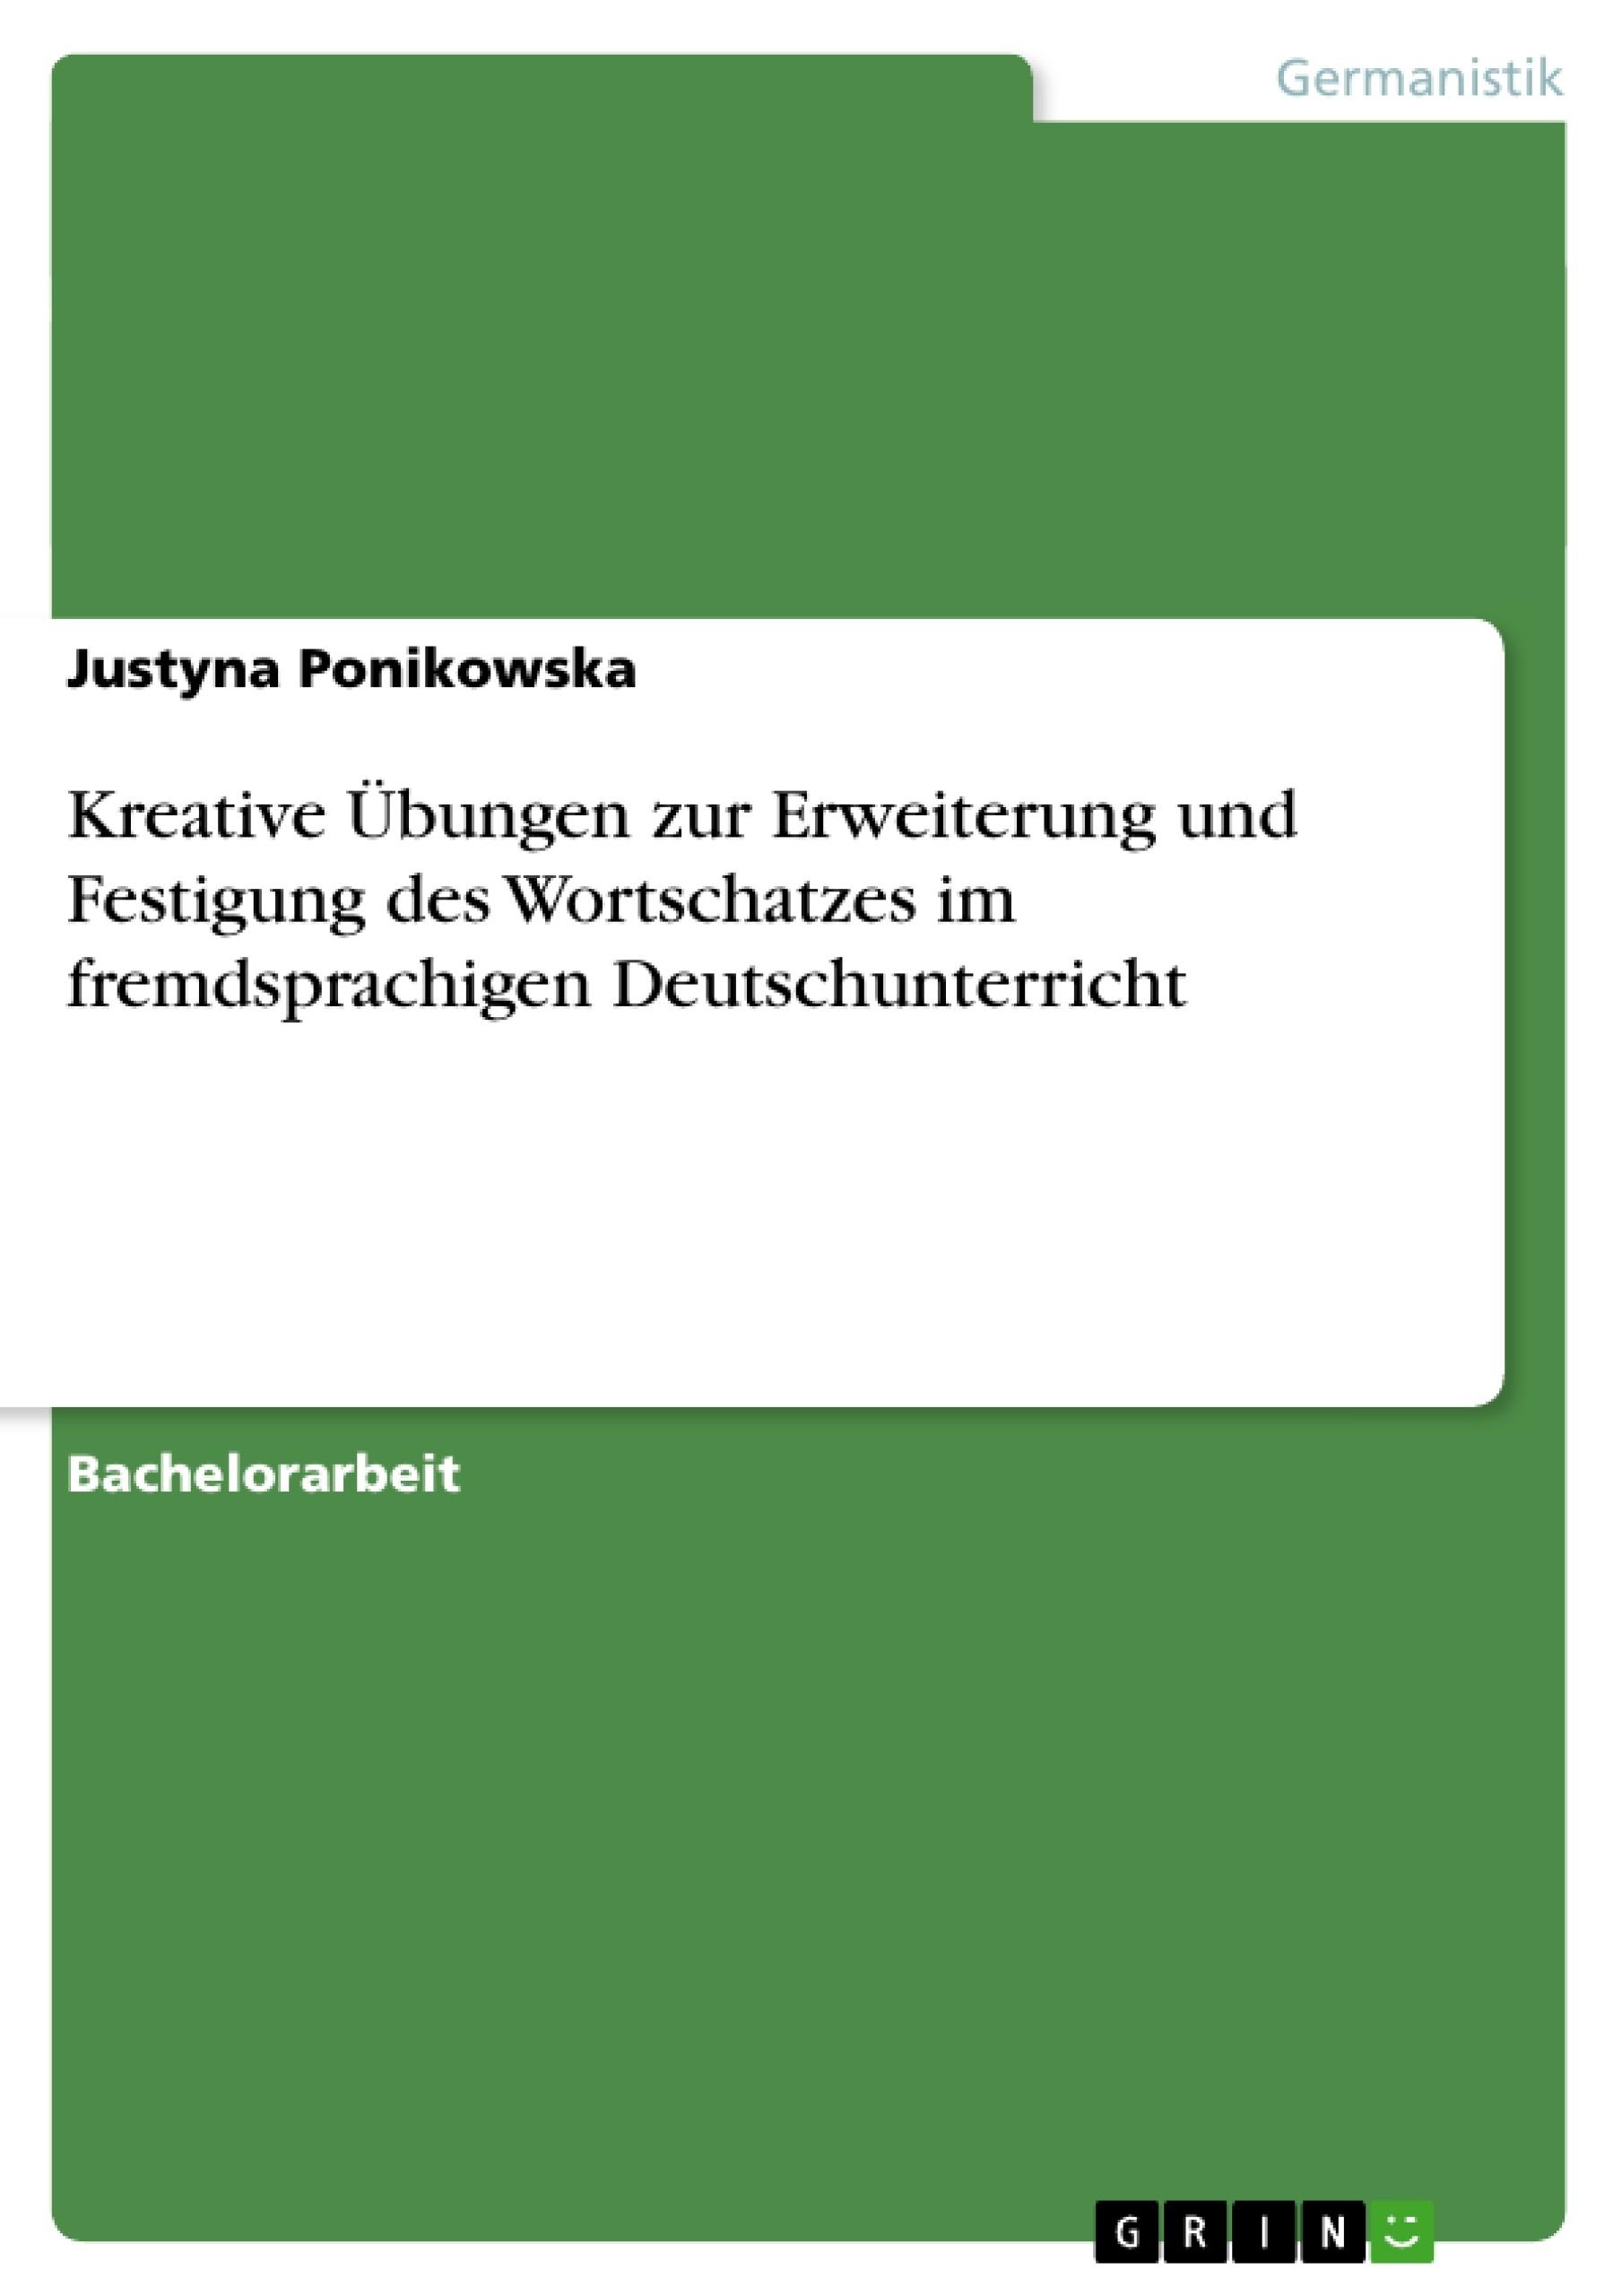 Titel: Kreative Übungen zur Erweiterung und Festigung des Wortschatzes im fremdsprachigen Deutschunterricht